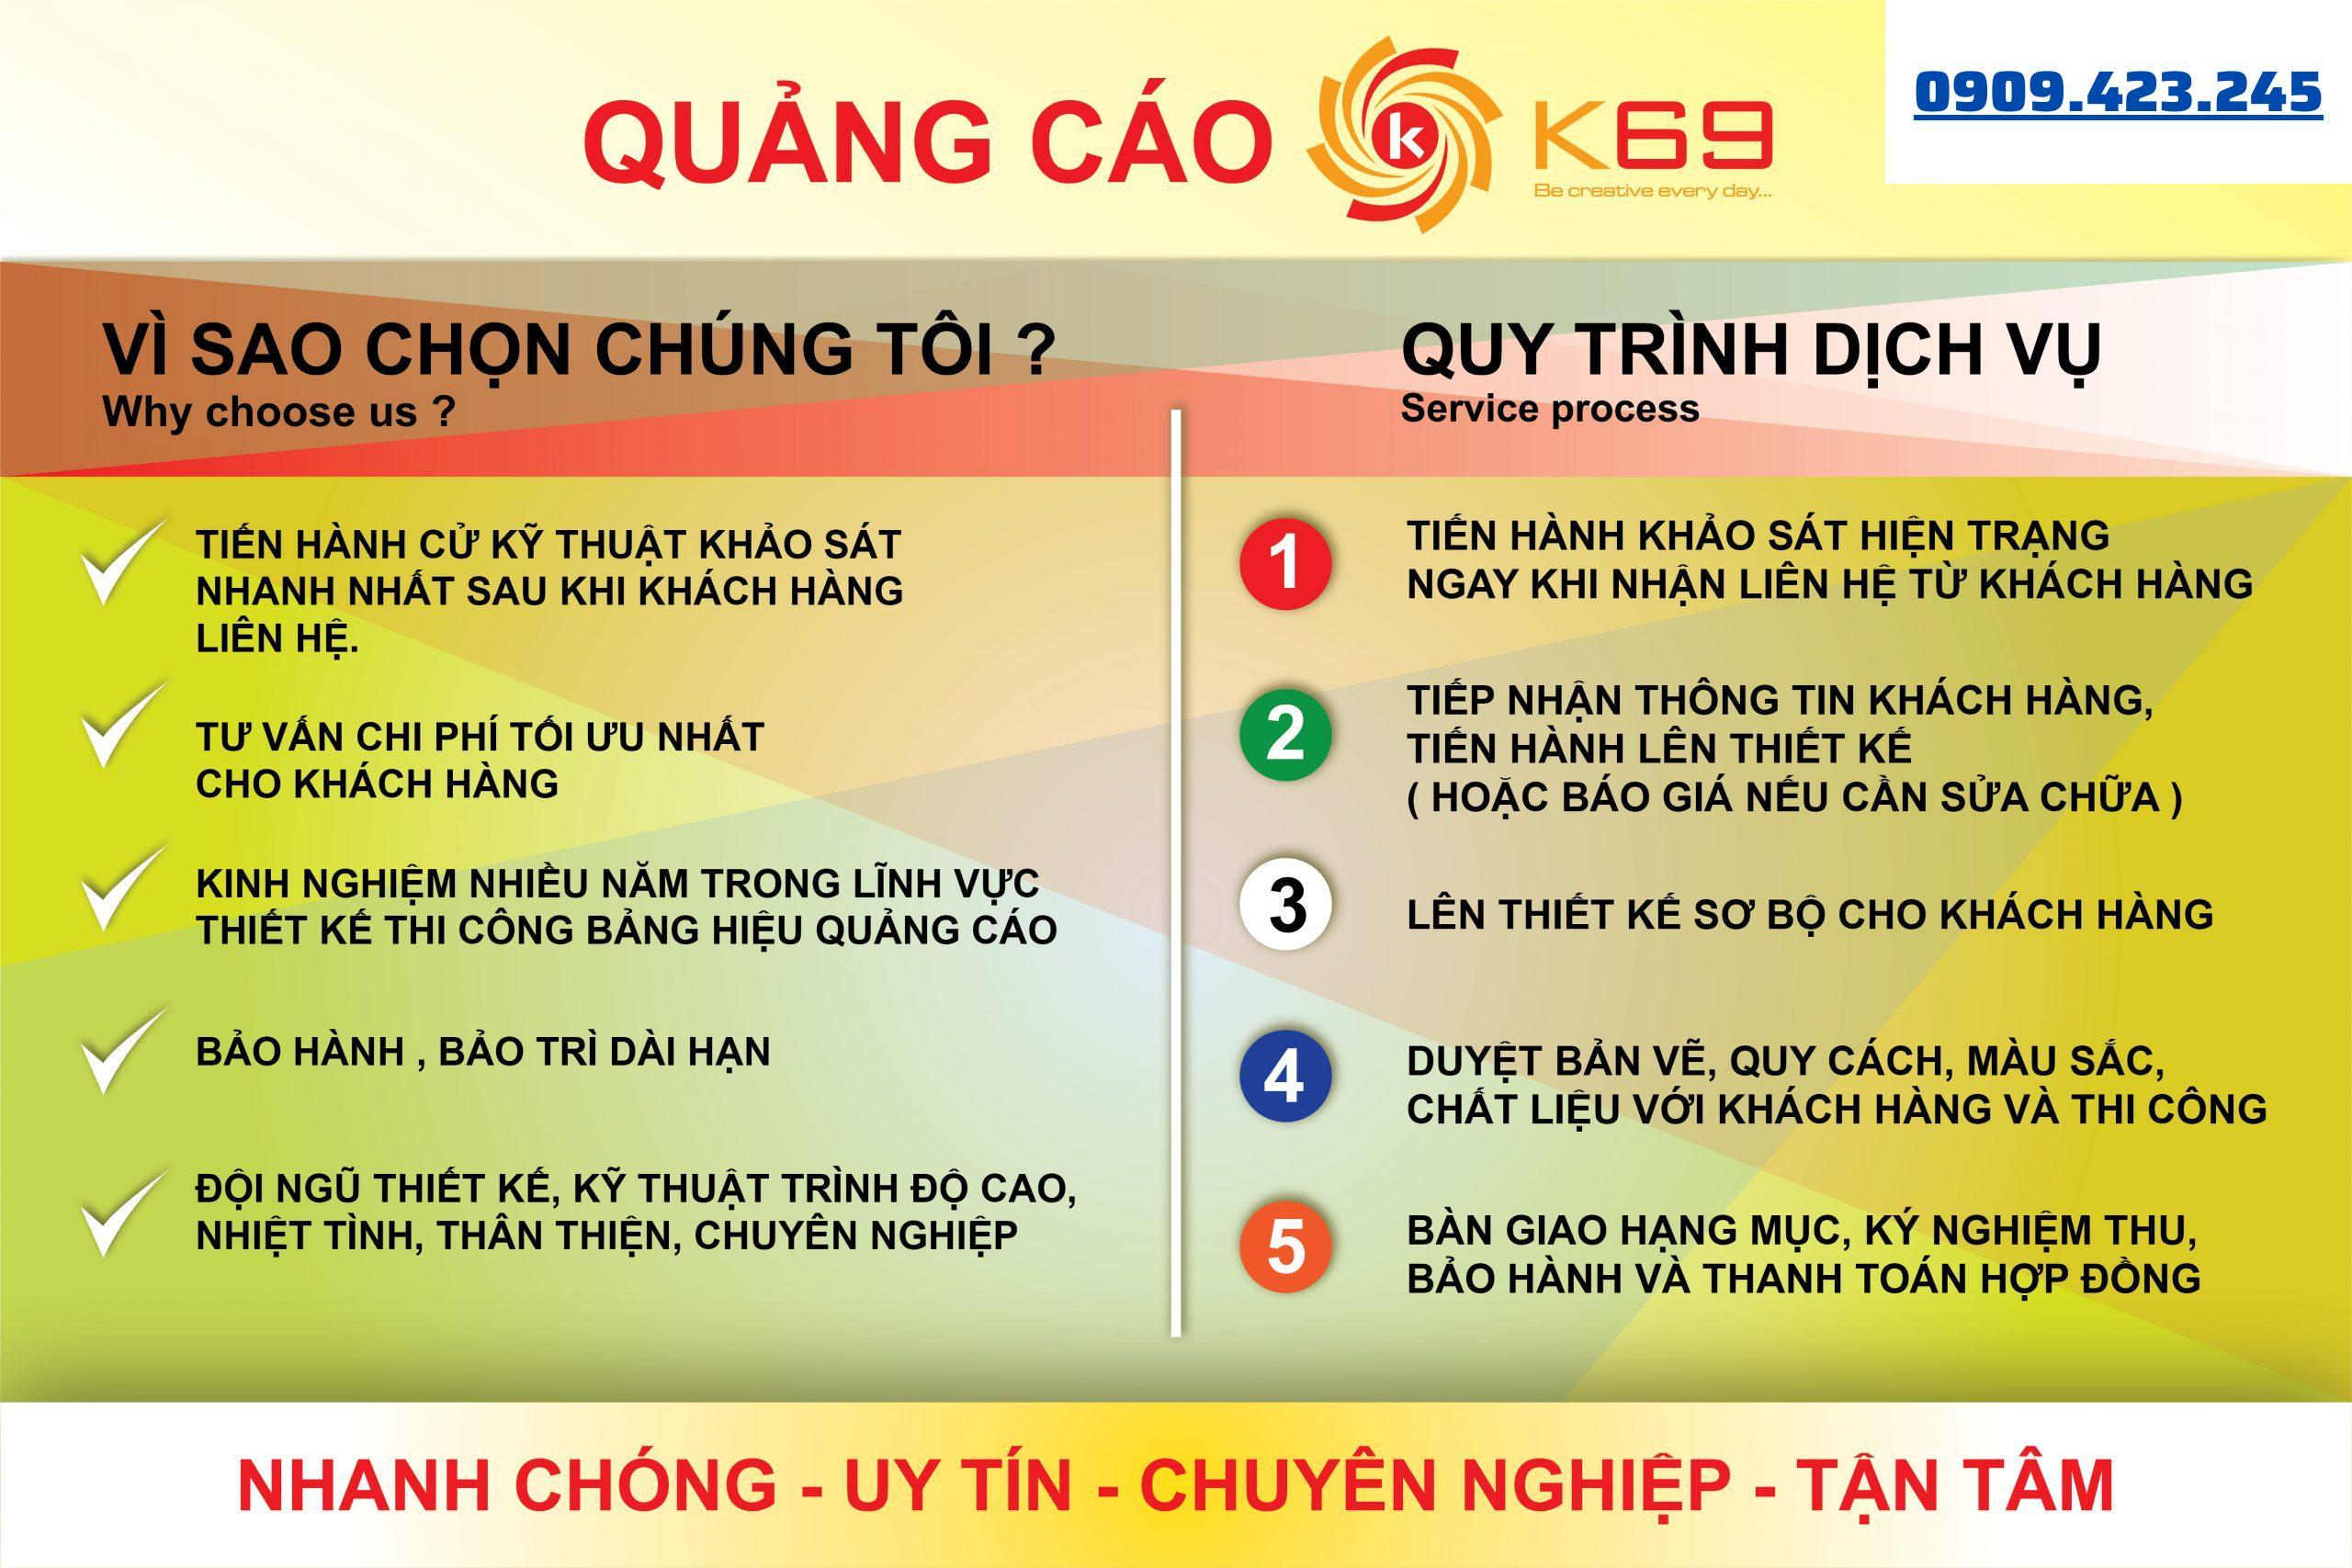 K69ADV Nhanh chóng - Uy tín - Chuyên nghiệp - Tận tâm